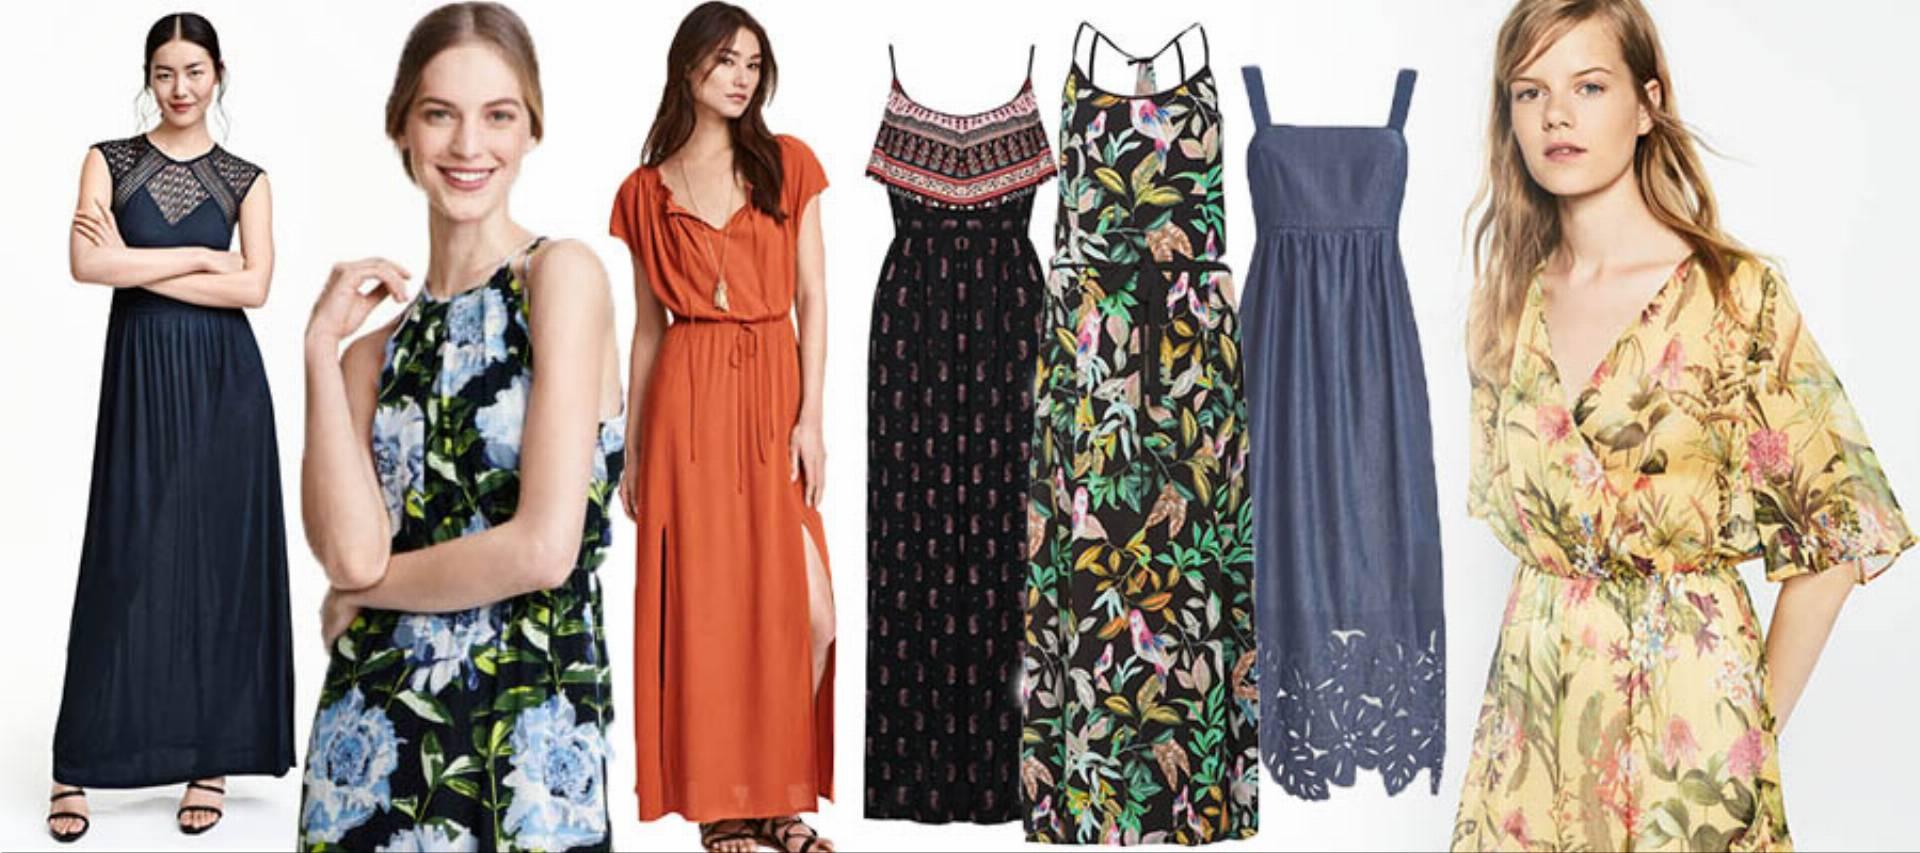 87264fb09e modne sukienki maxi na lato 2016. Polecamy również  Shoppingowy przegląd   ...